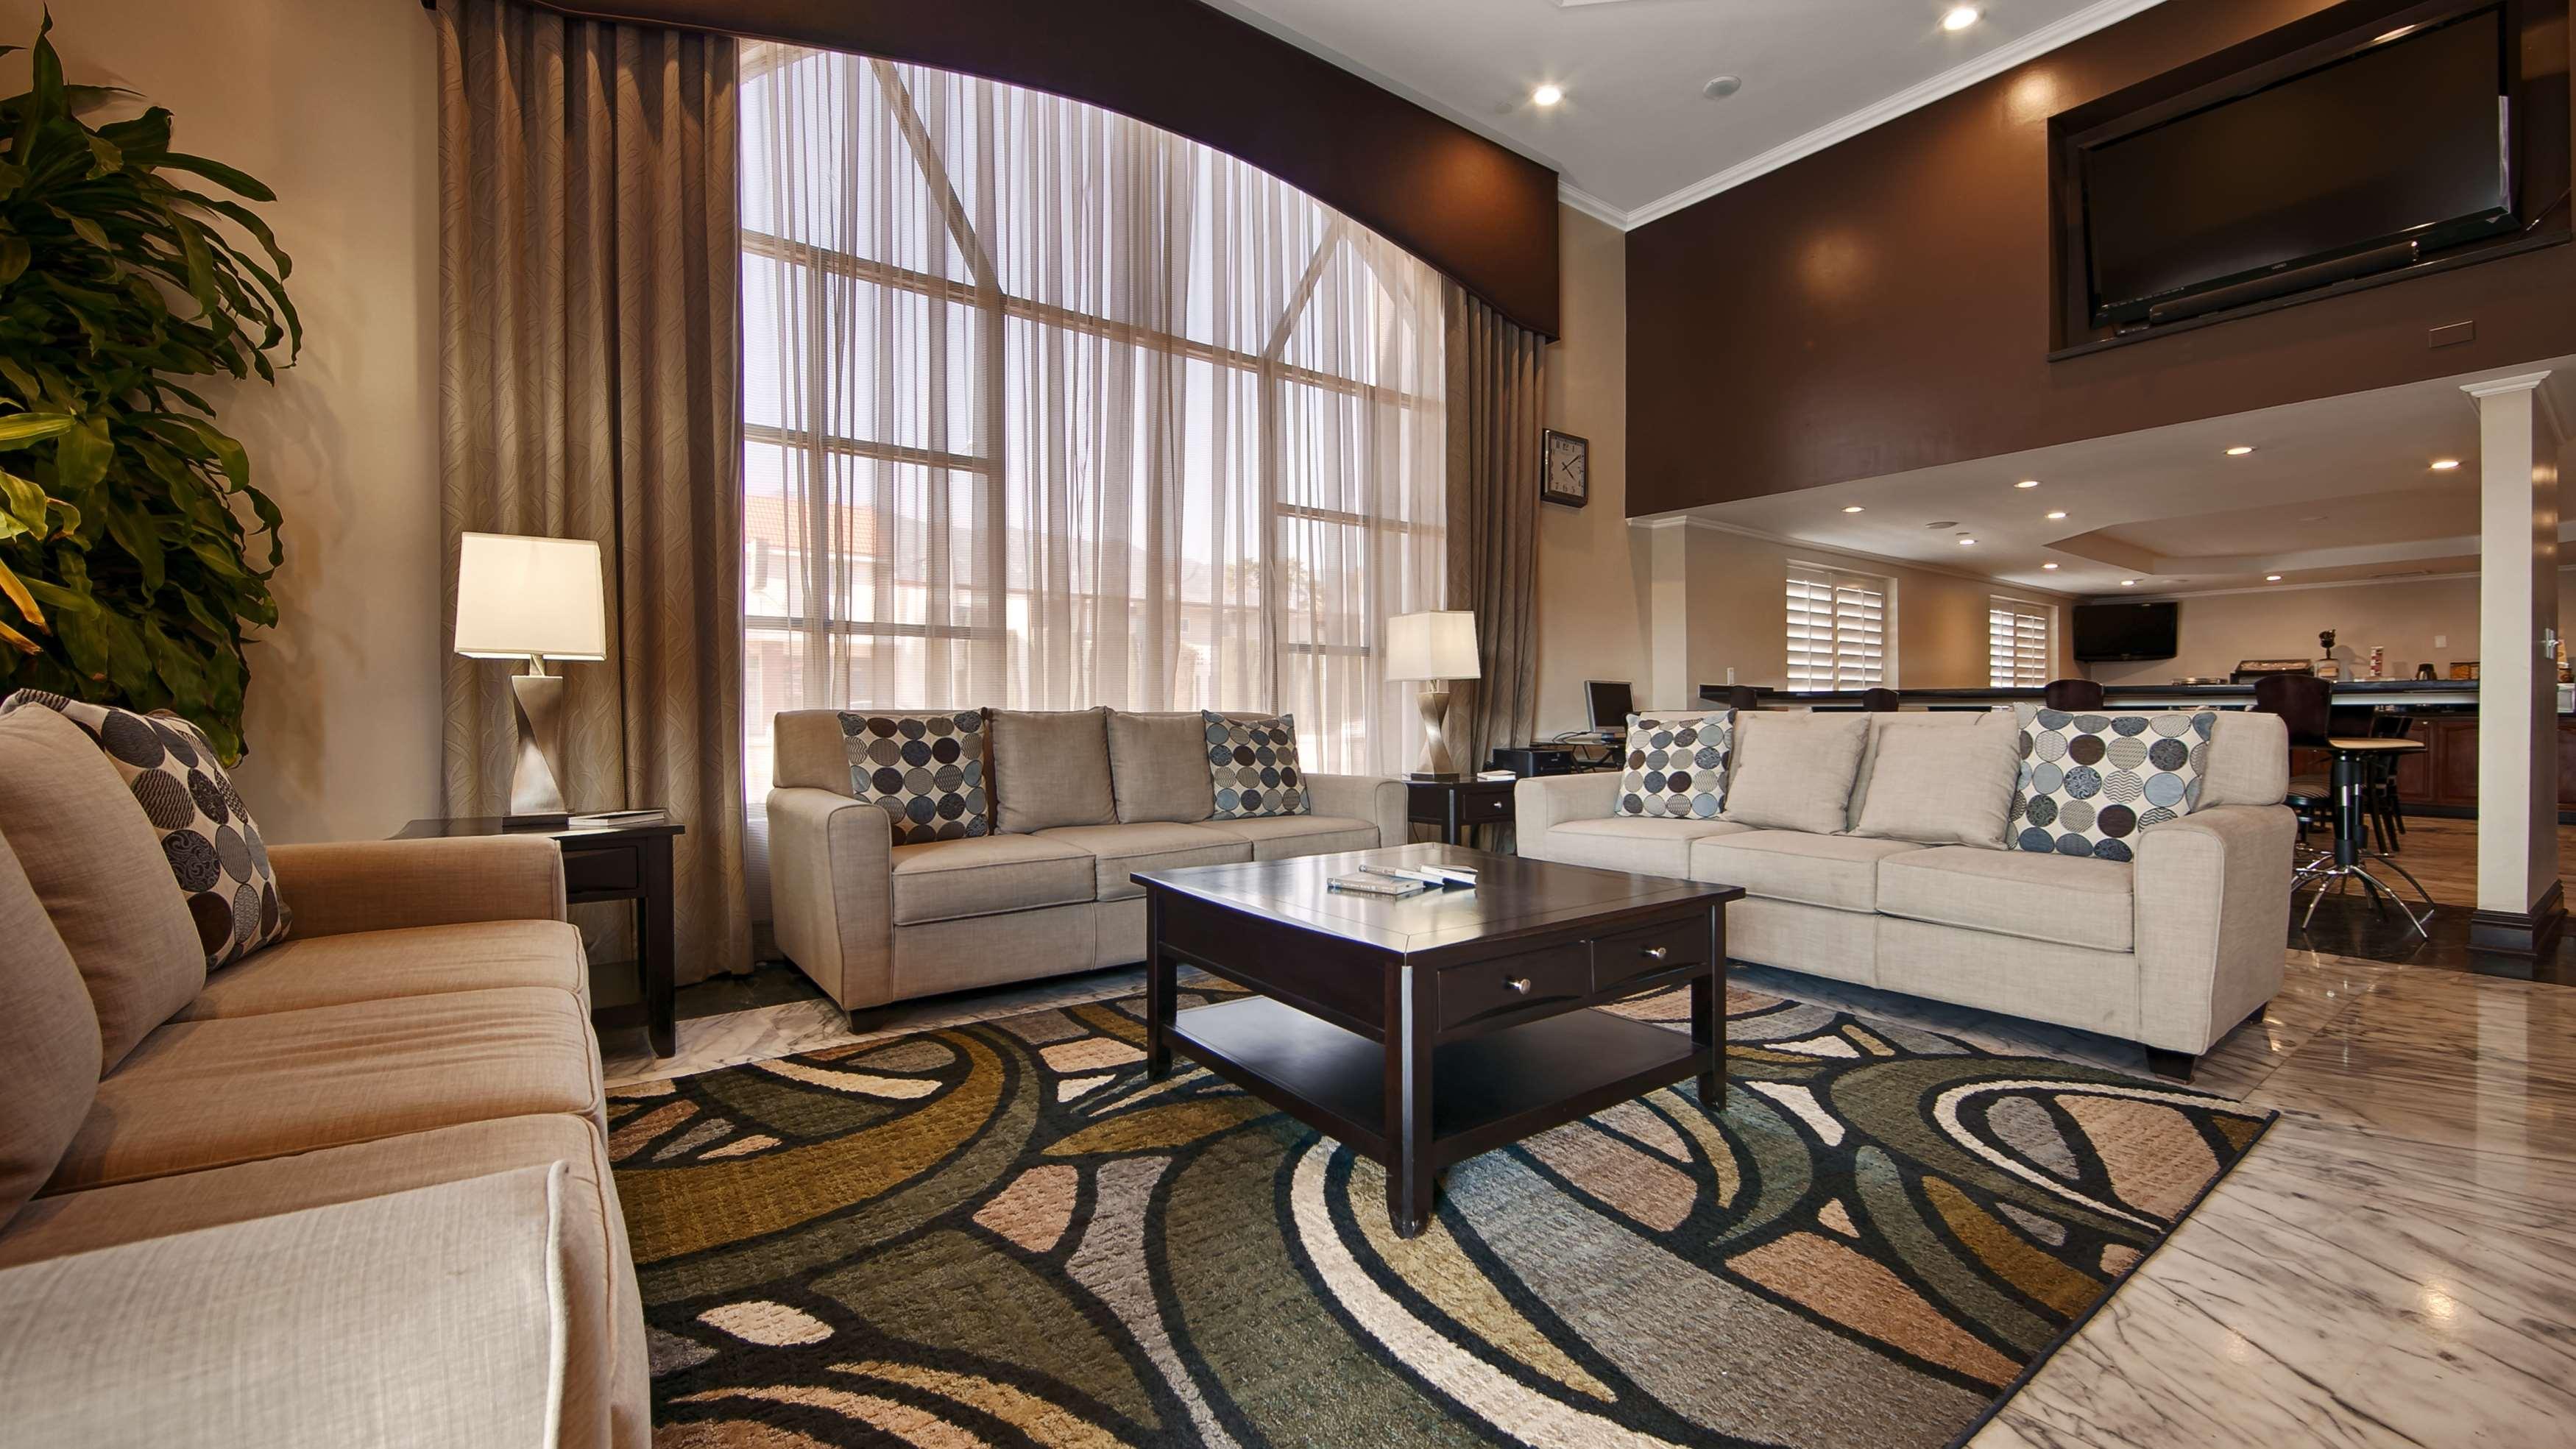 Best Western Pasadena Royale Inn & Suites image 0